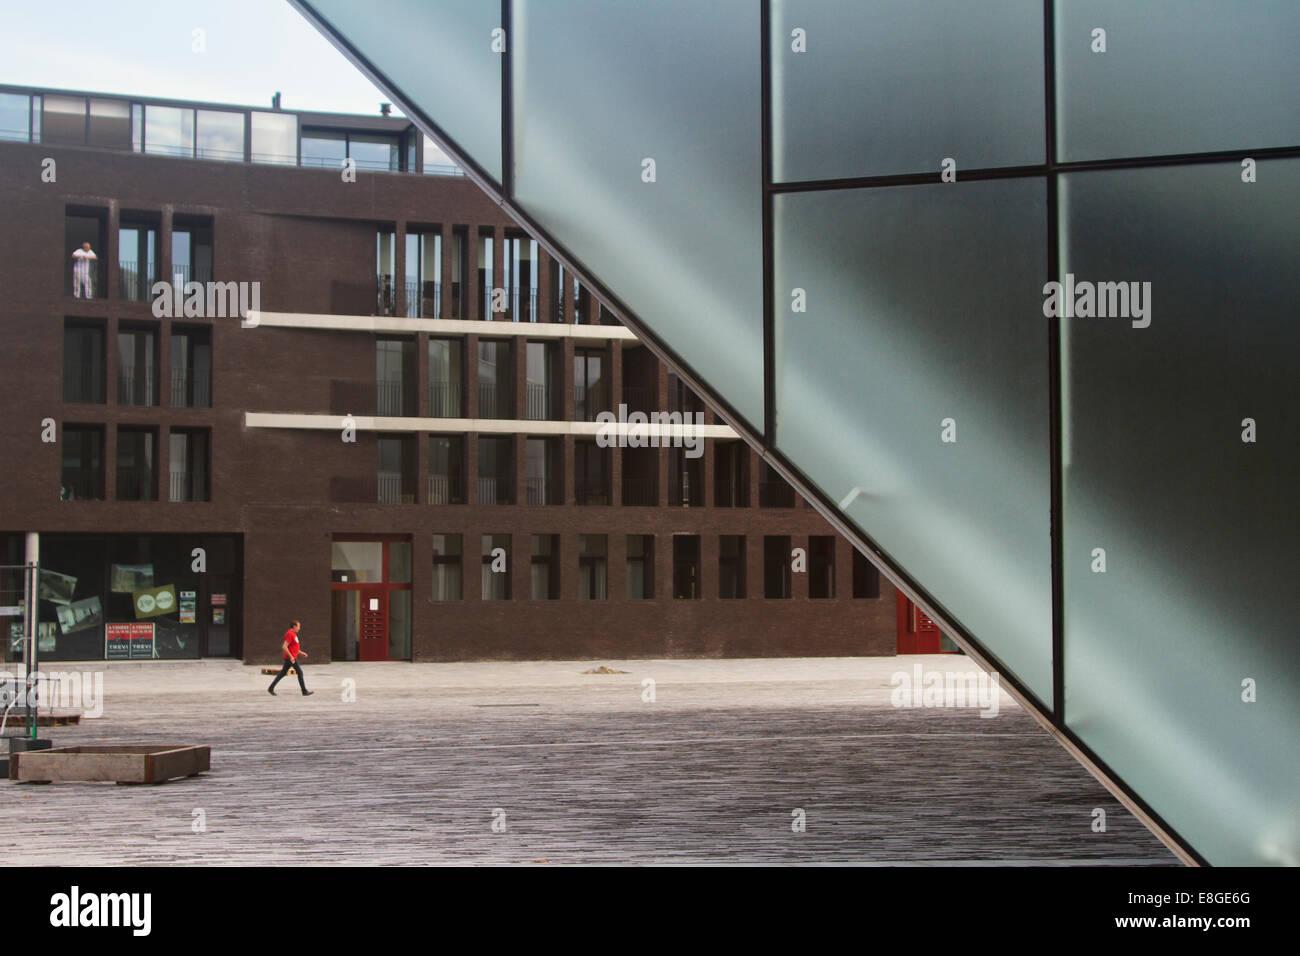 Europe; Belgium; Wallonia; Wallonne; Mons; European Capital of Culture 2015; Theatre; Le Manège; Théâtre du Manège; Stock Photo